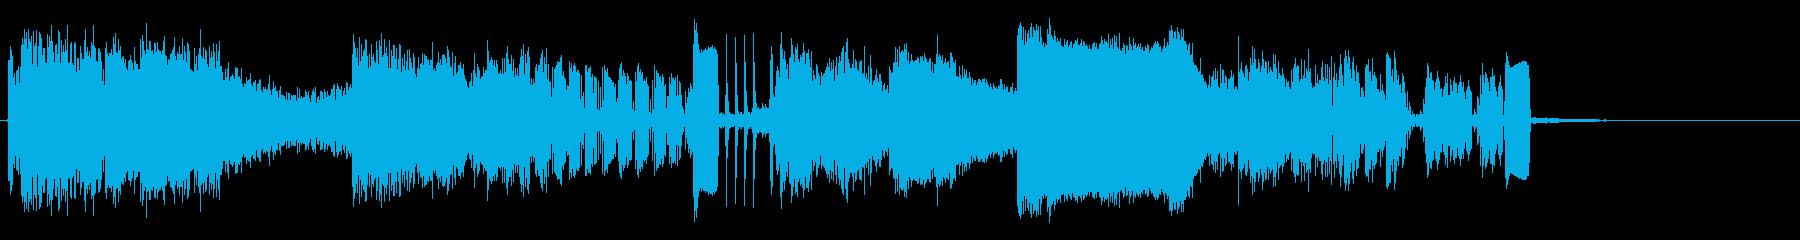 最大出力の再生済みの波形